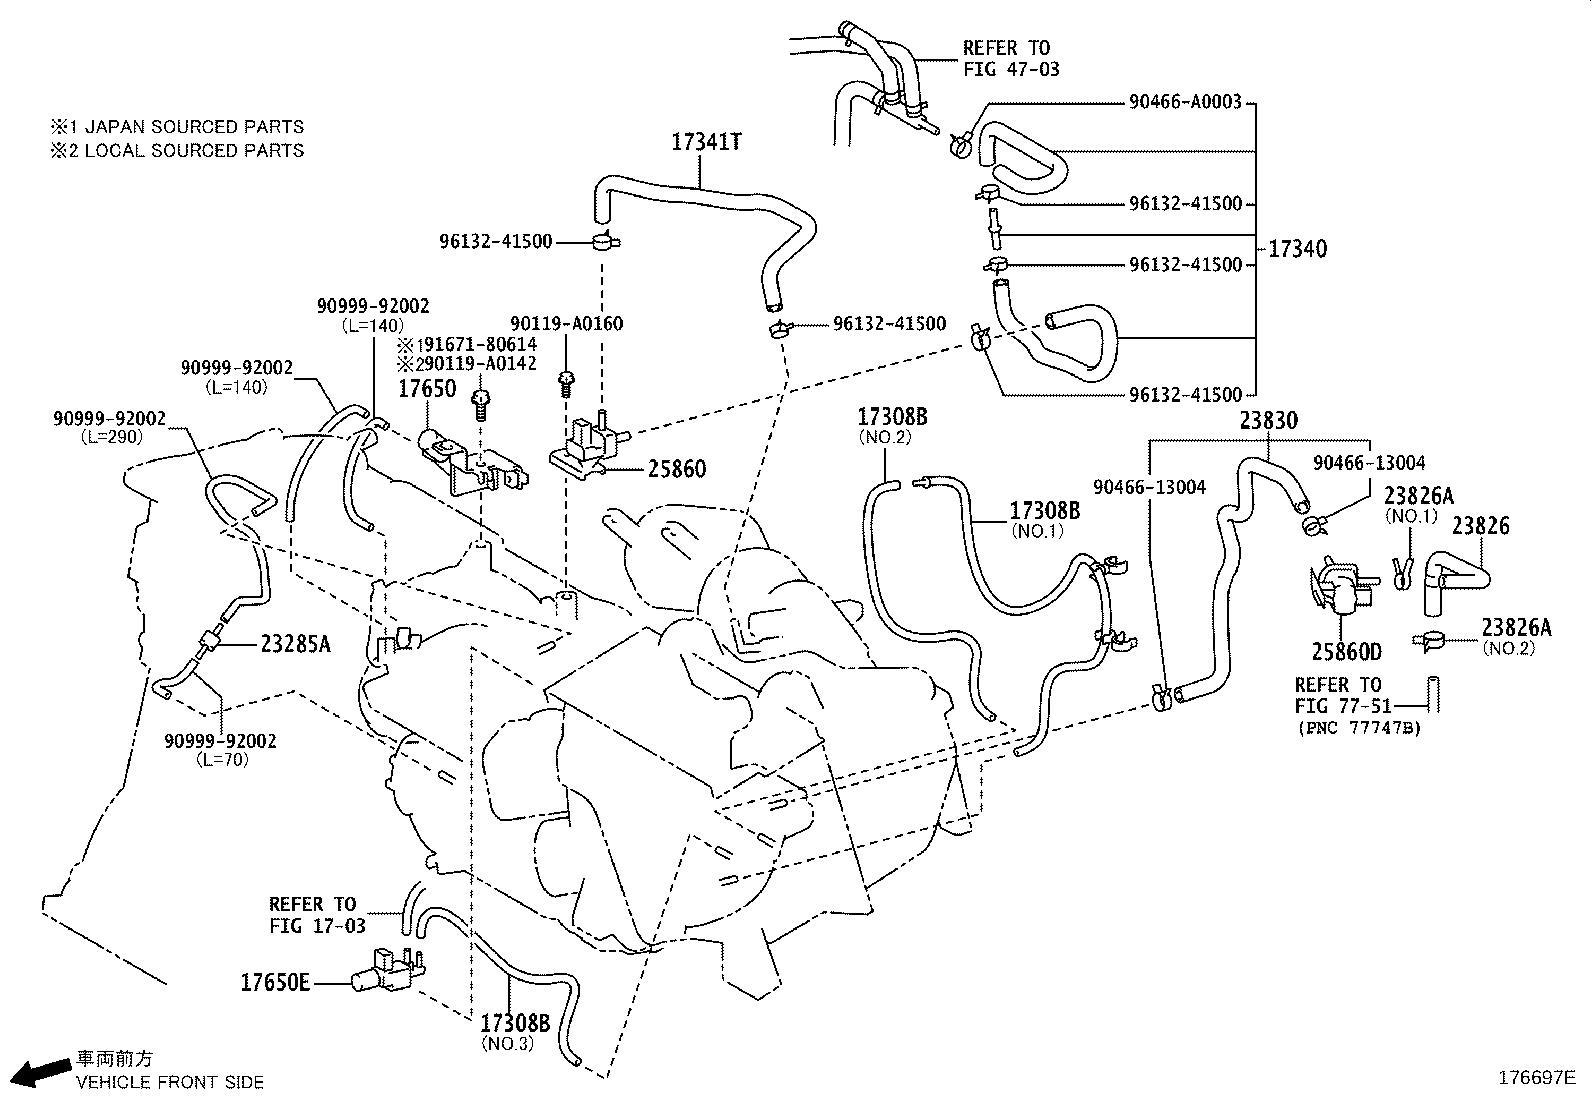 Toyota Sienna Vacuum Hose Hose Fuel Vapor Feed No 2